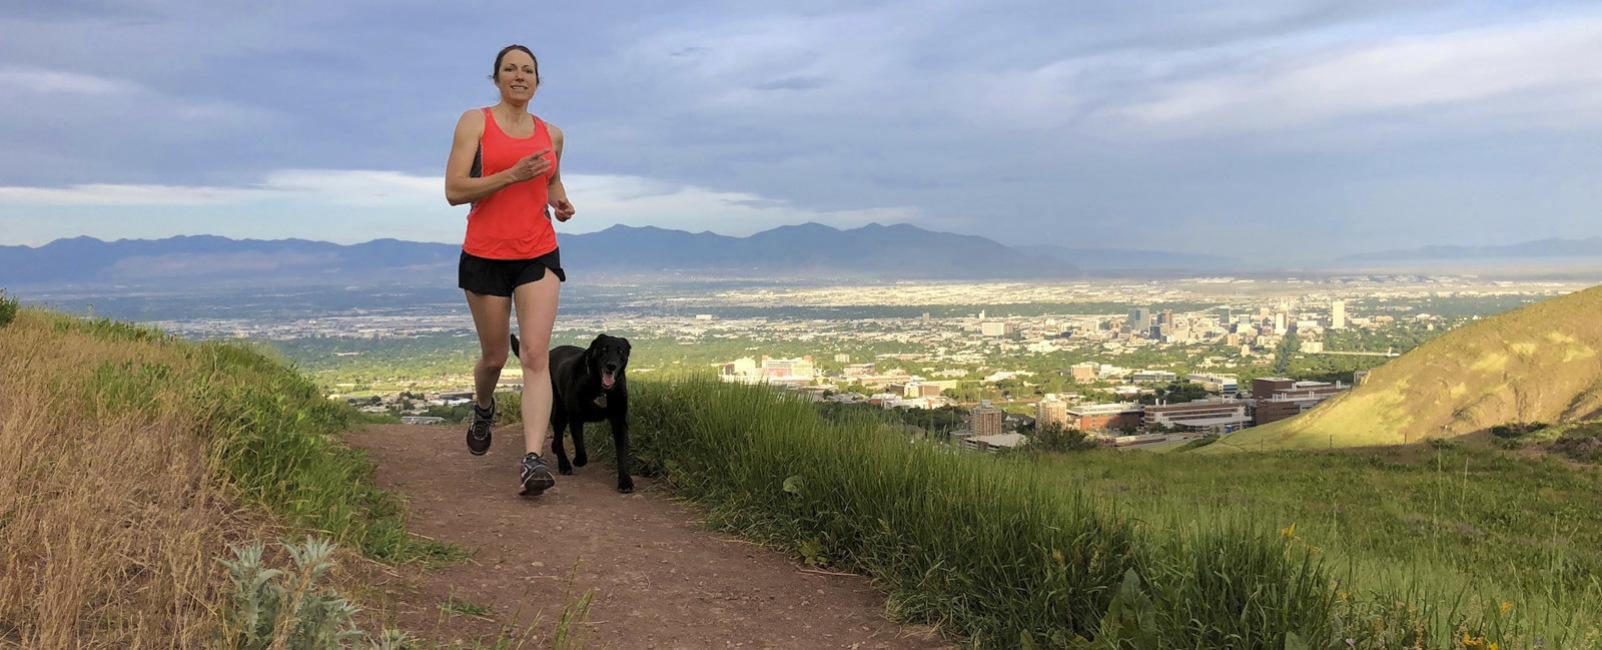 Utah Trail Running Basics